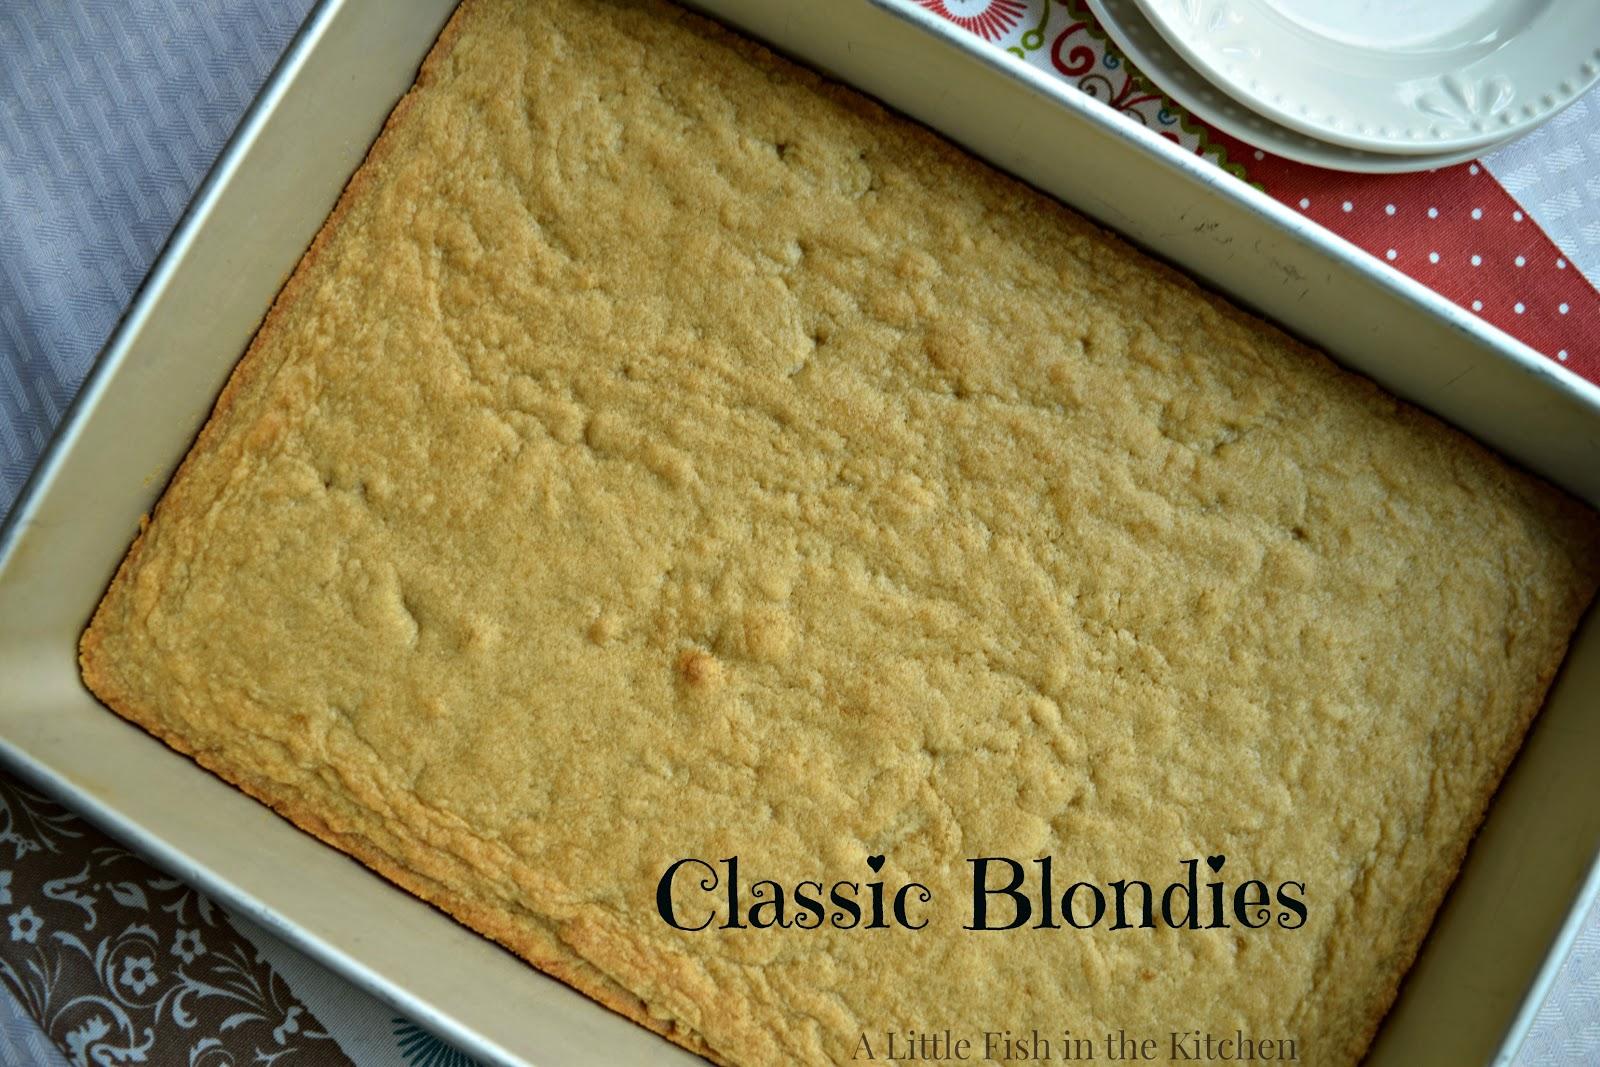 Classic Blondies